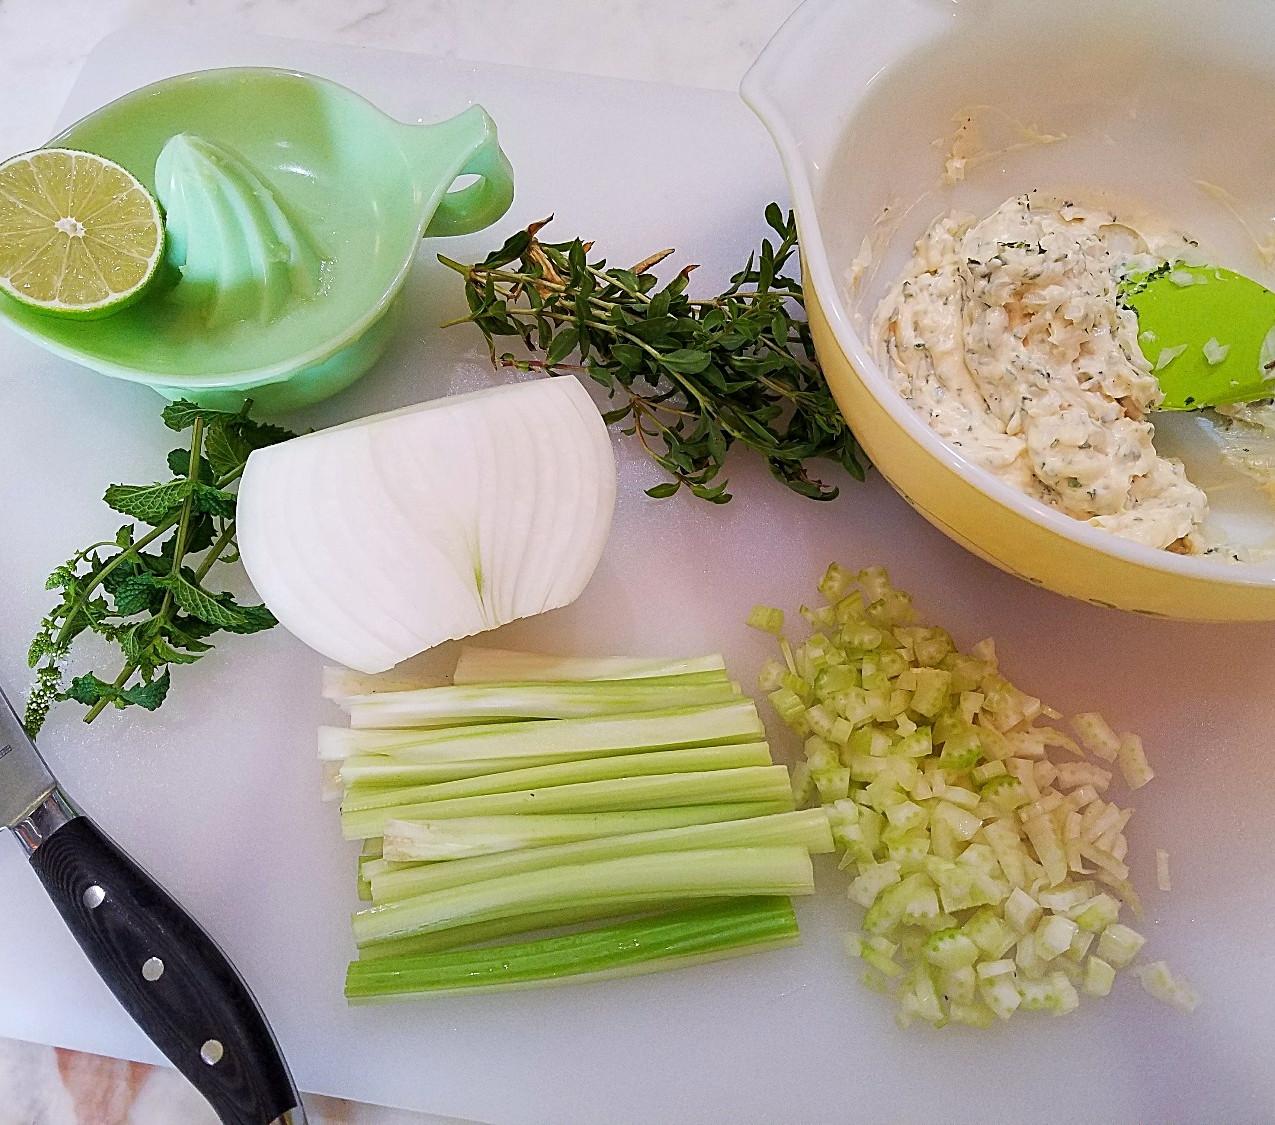 Summer Chicken Salad Ingredients